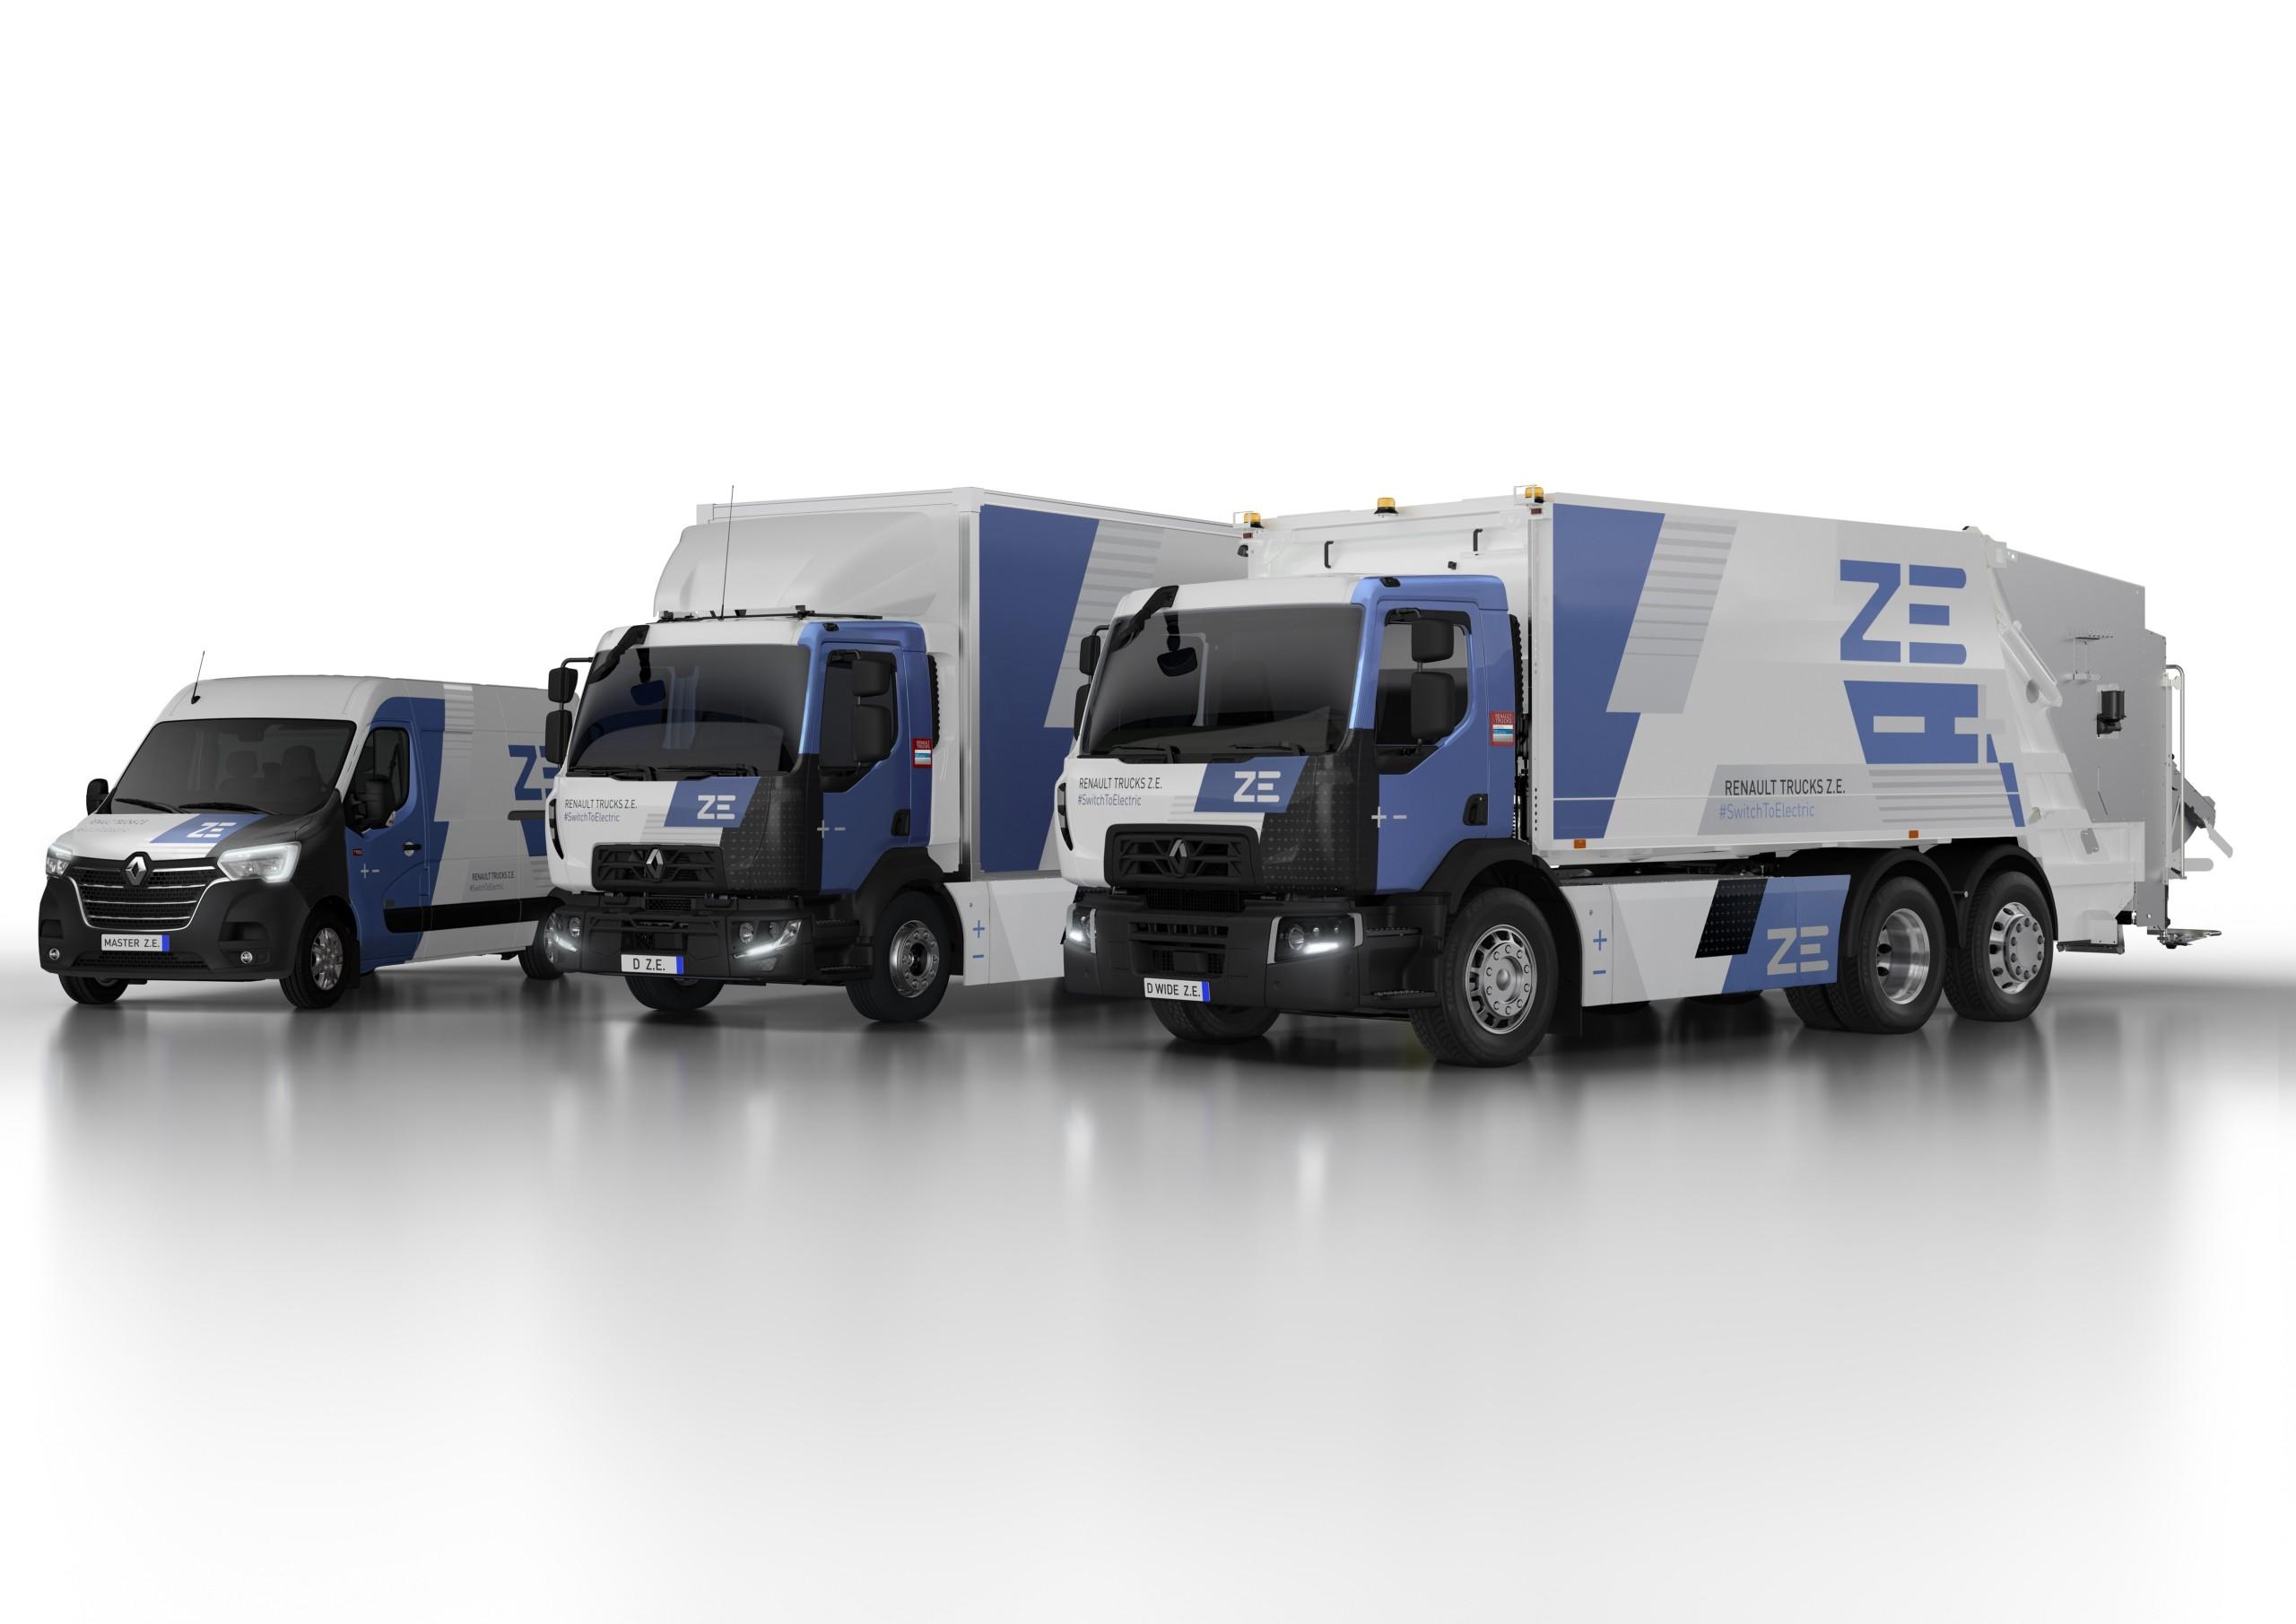 Volvo se positionne sur les camions électriques avec deux modèles prêts à avaler les kilomètres